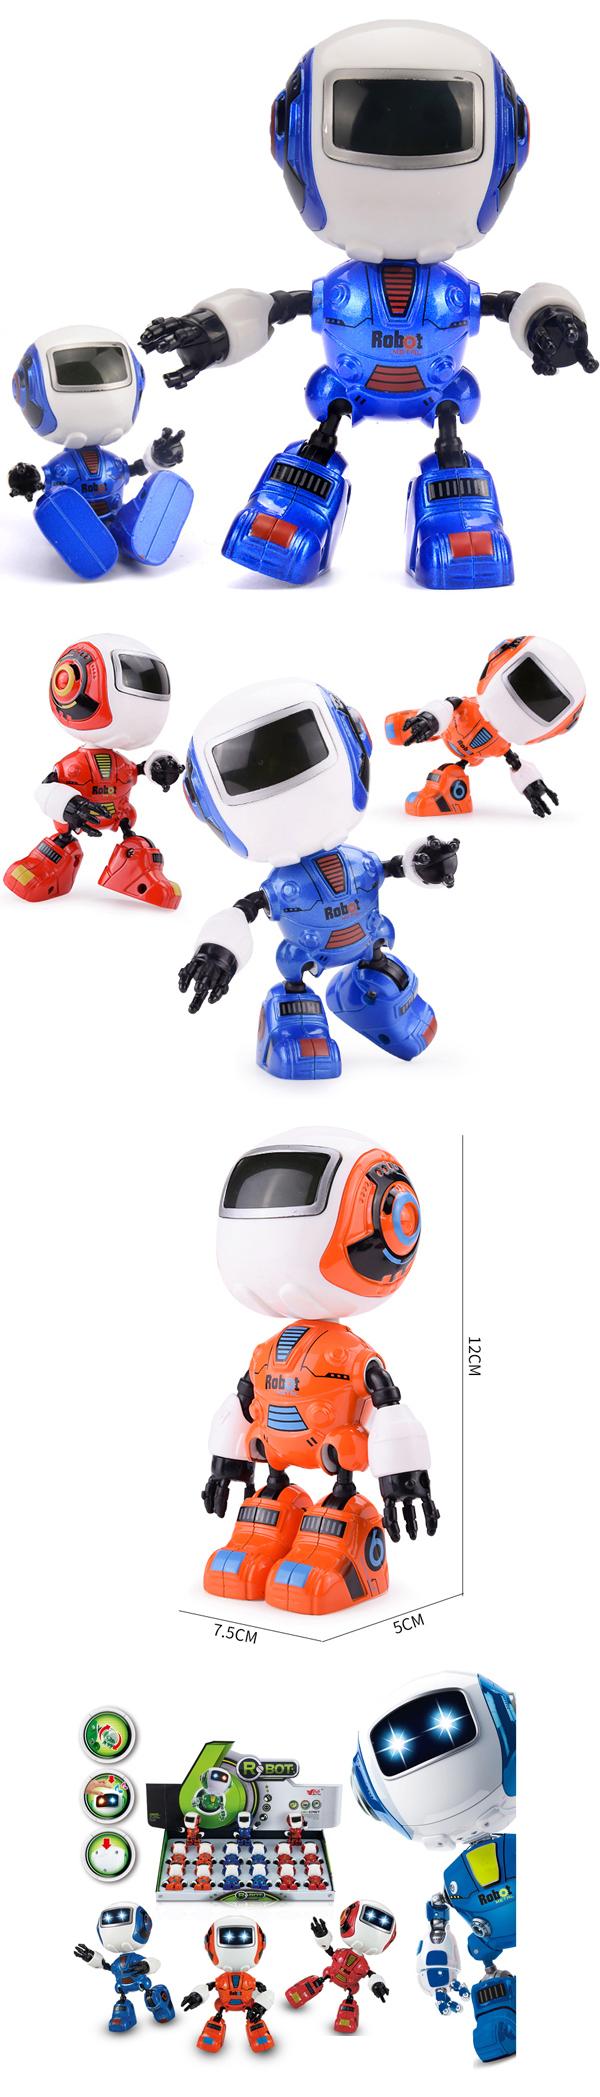 Tương Tác Cảm Ứng Diecast Trẻ Em Robot Đồ Chơi Mô Hình Với Ánh Sáng Và Âm Thanh